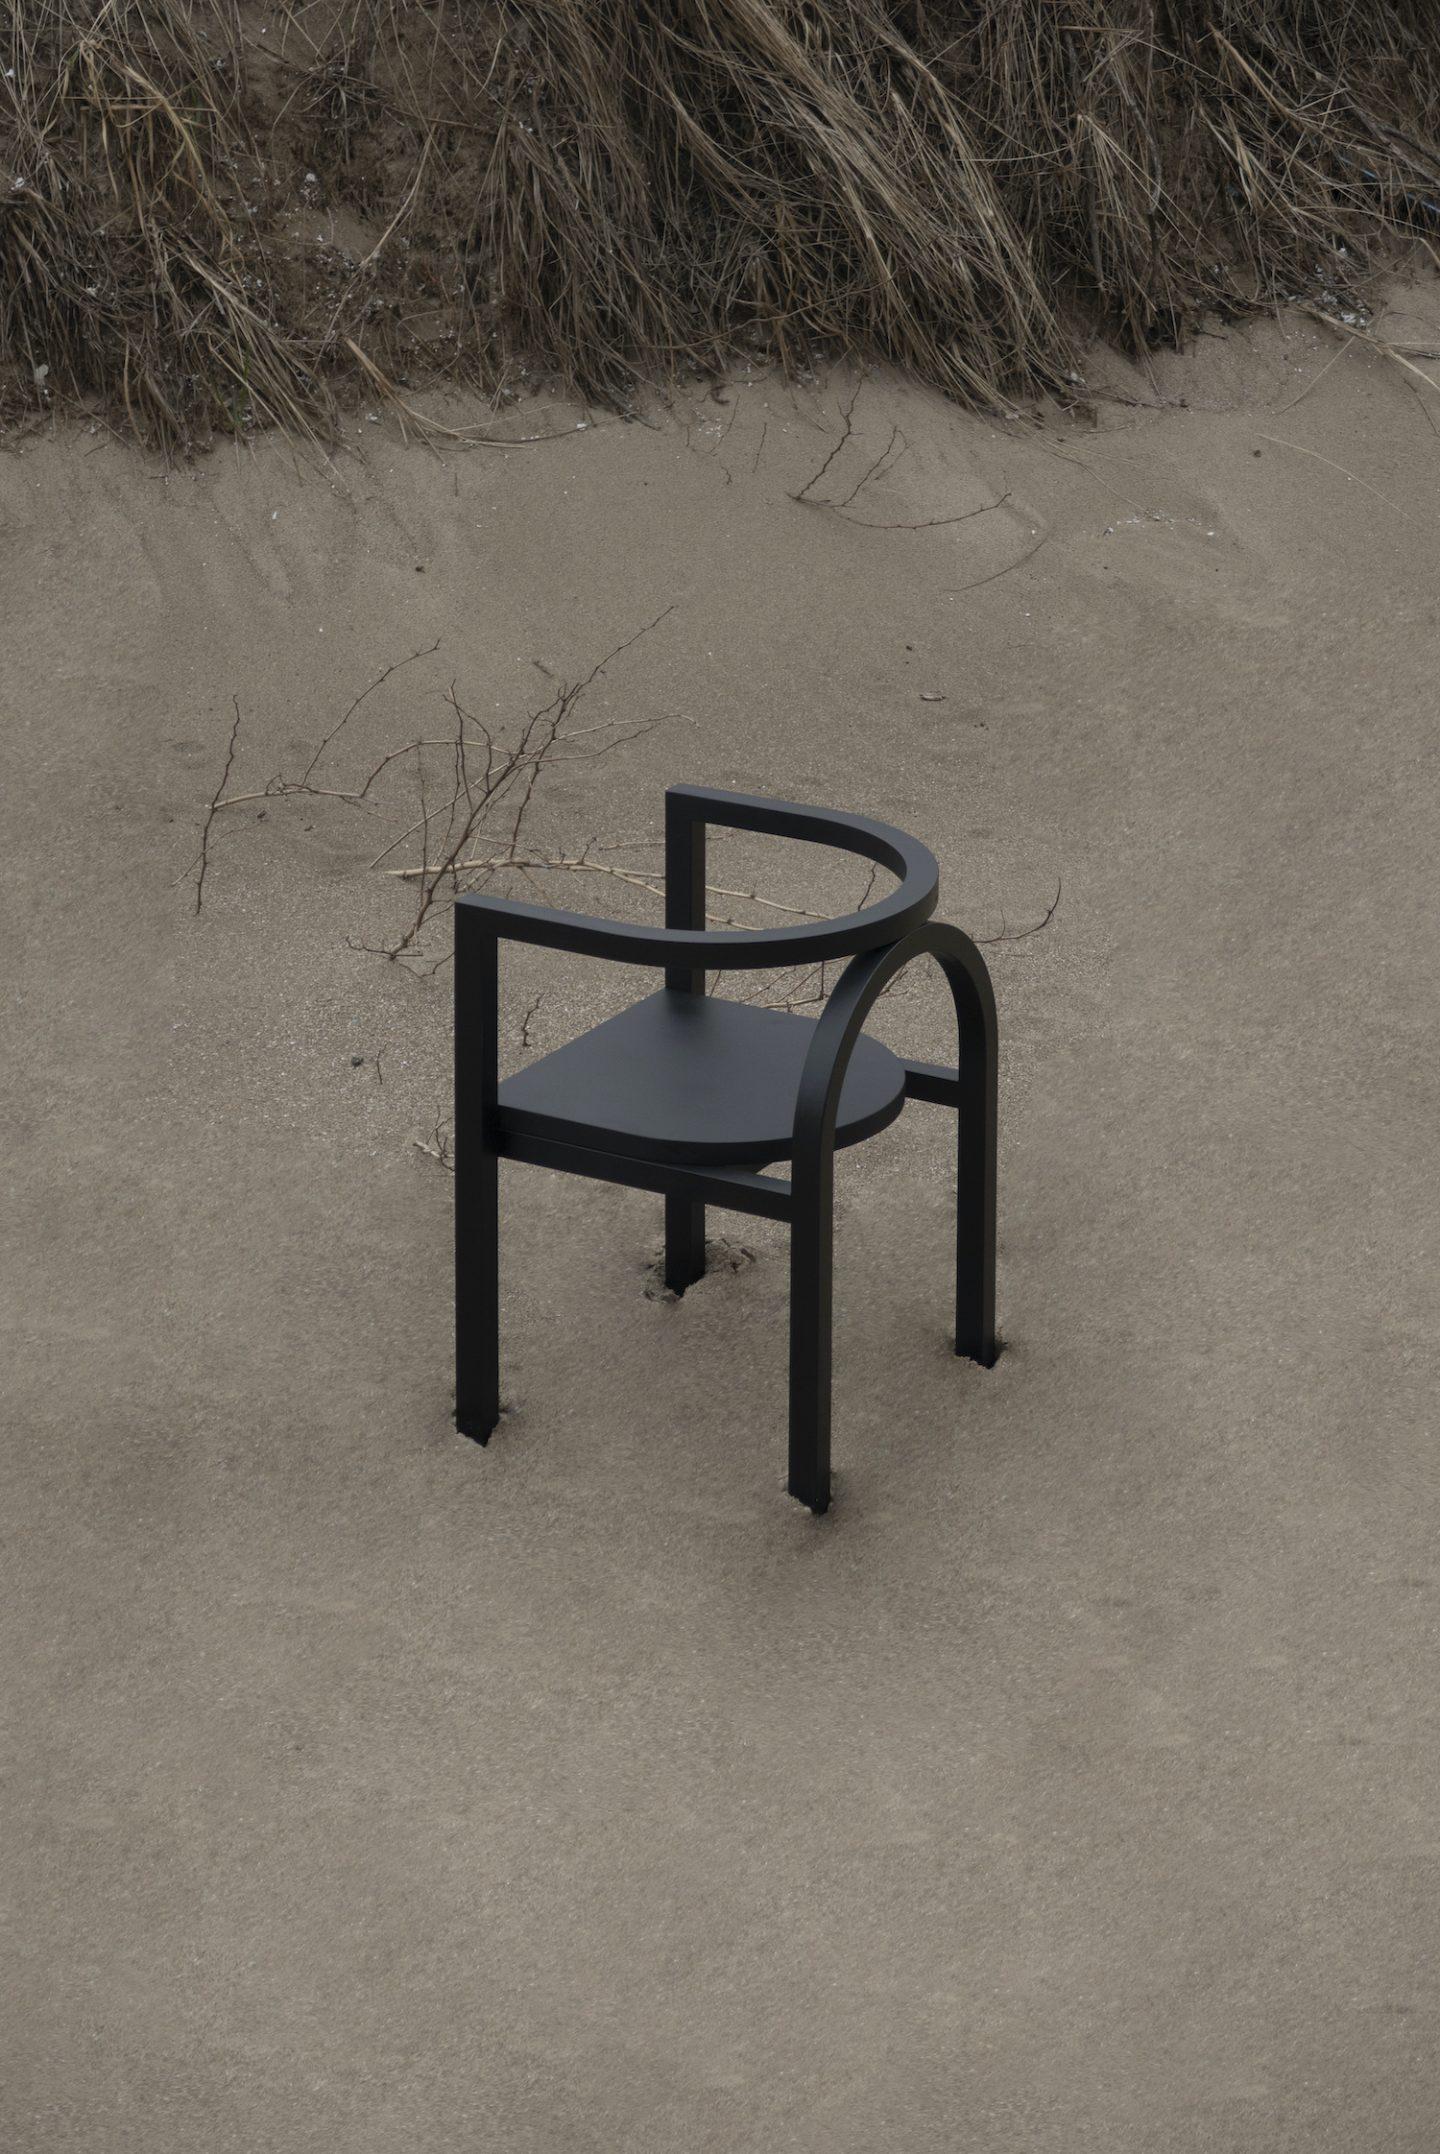 IGNANT-Design-Finder-Arch-Chair-08